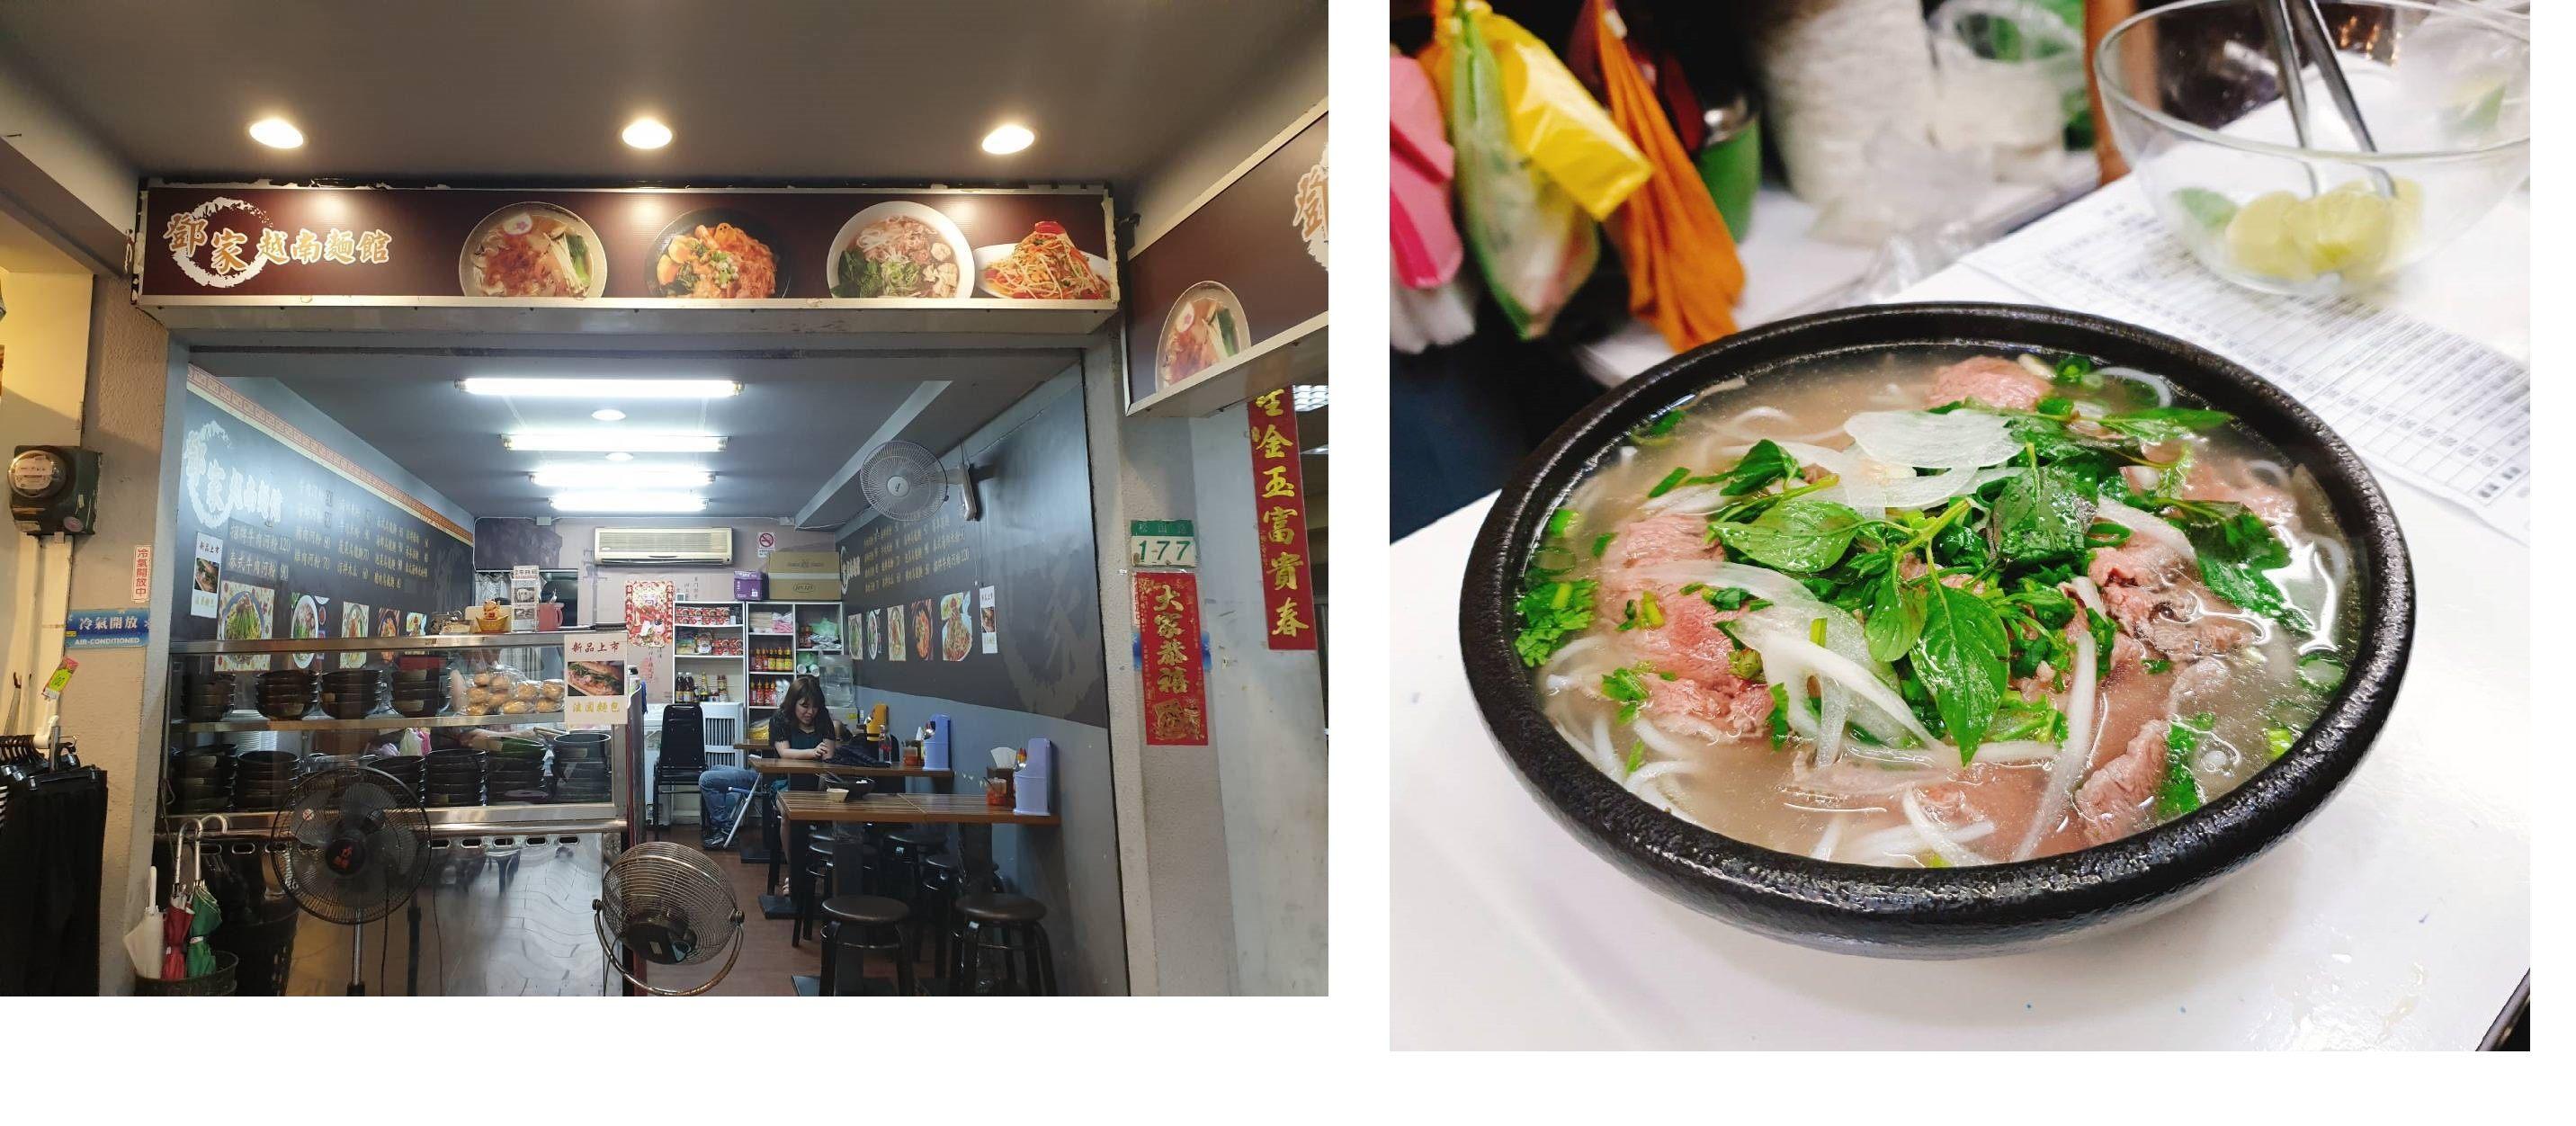 鄧家越南麵館